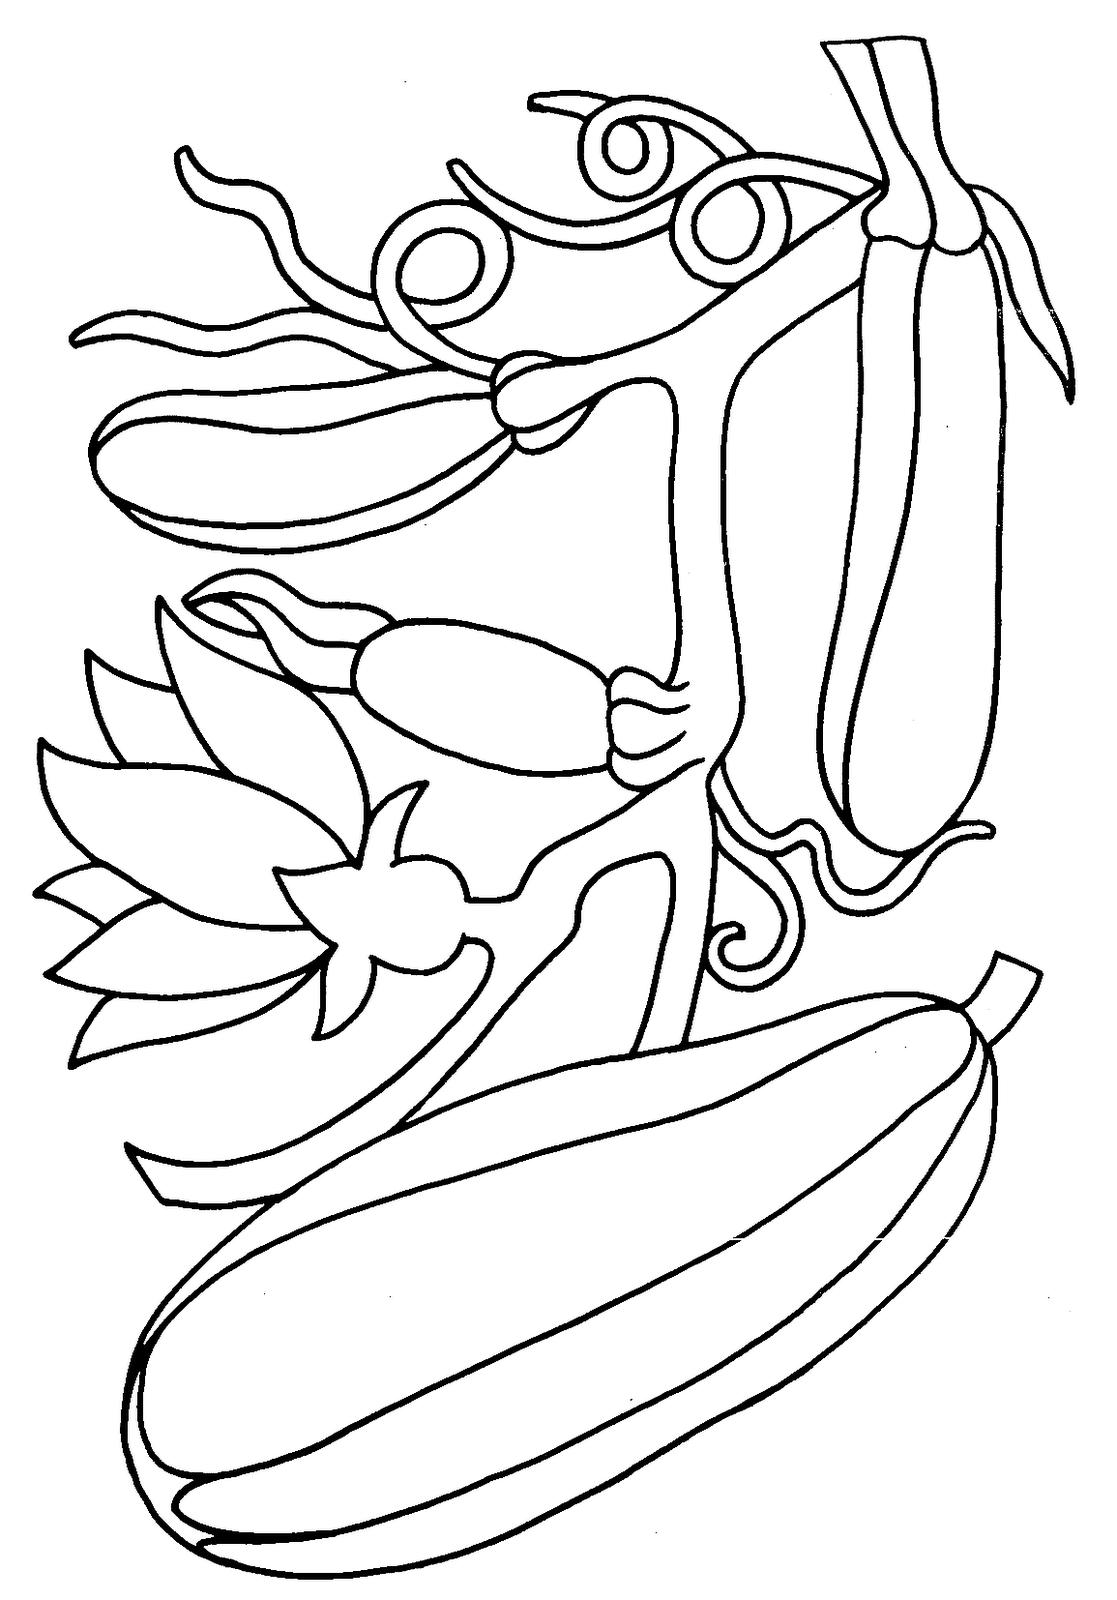 Desenhos De Legumes – Verduras Para Colorir E Imprimir